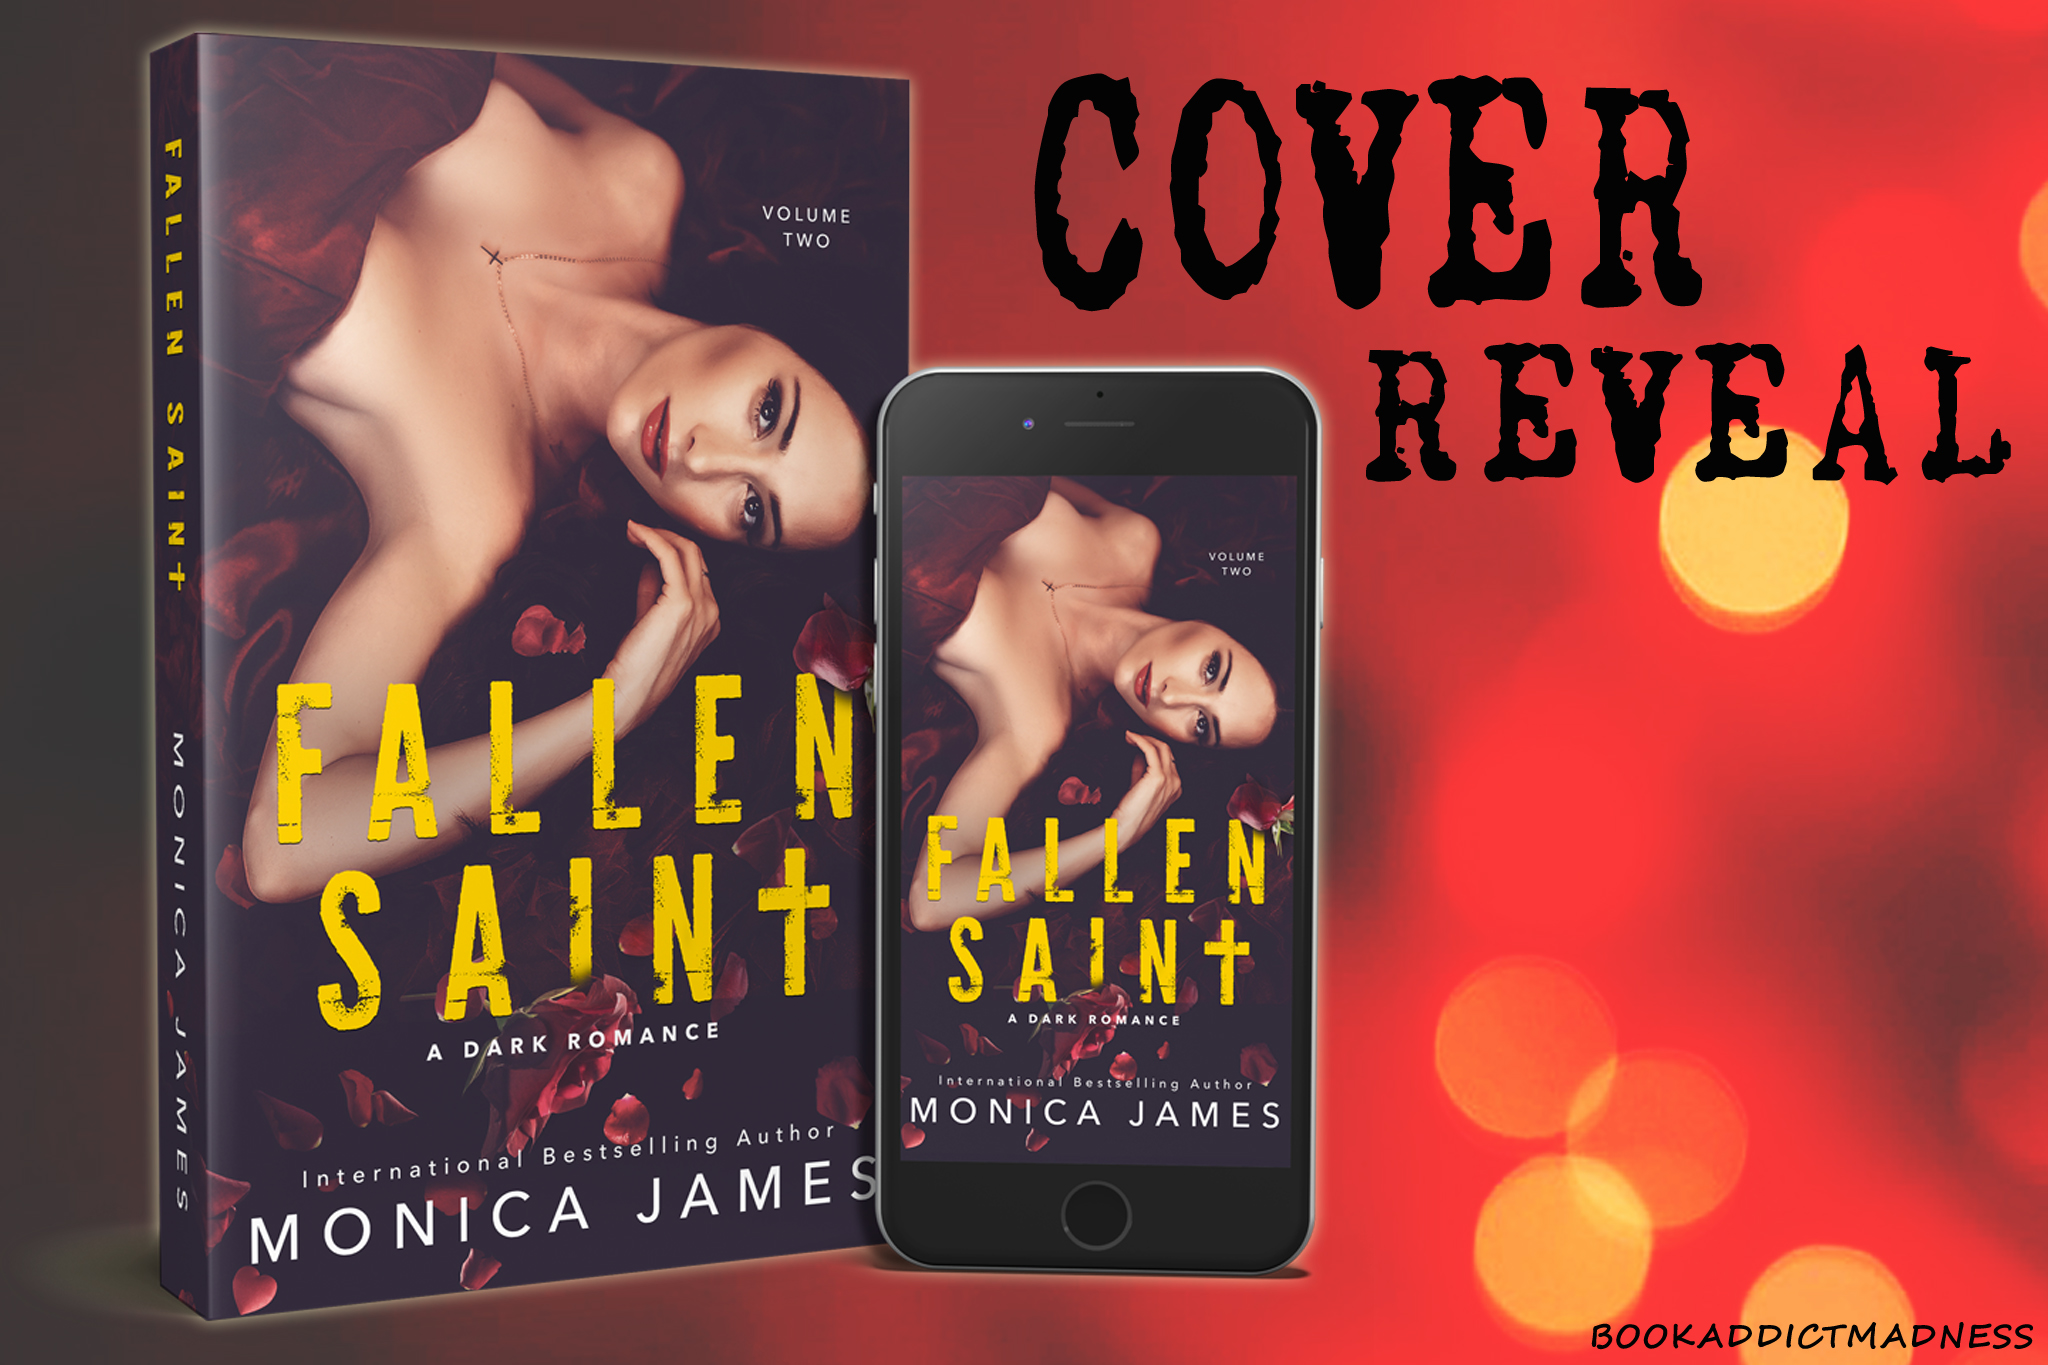 Fallen Saint by Monica James